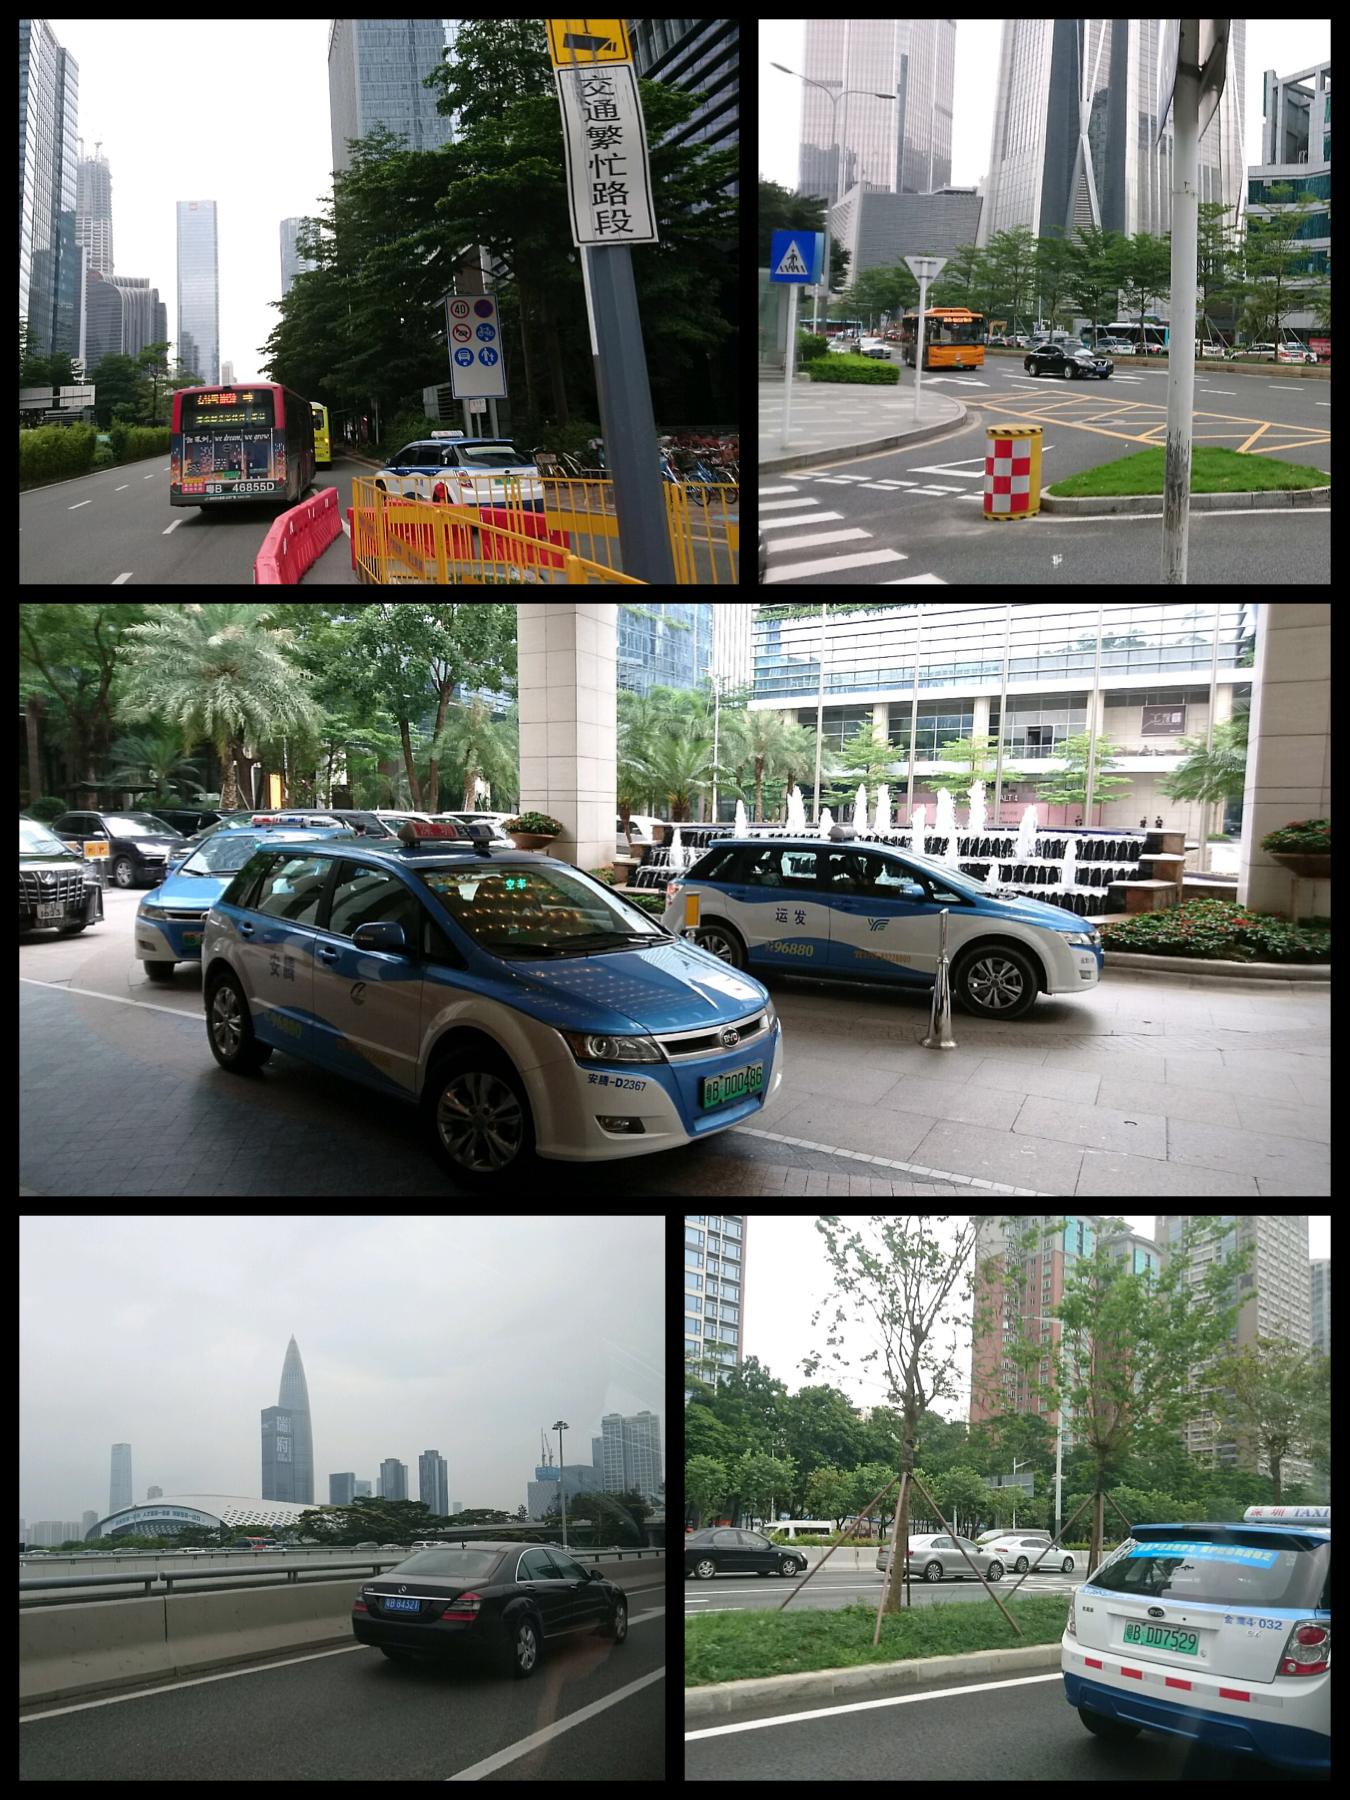 中国 深セン深圳に行った EVタクシー、EVバス BYD社製